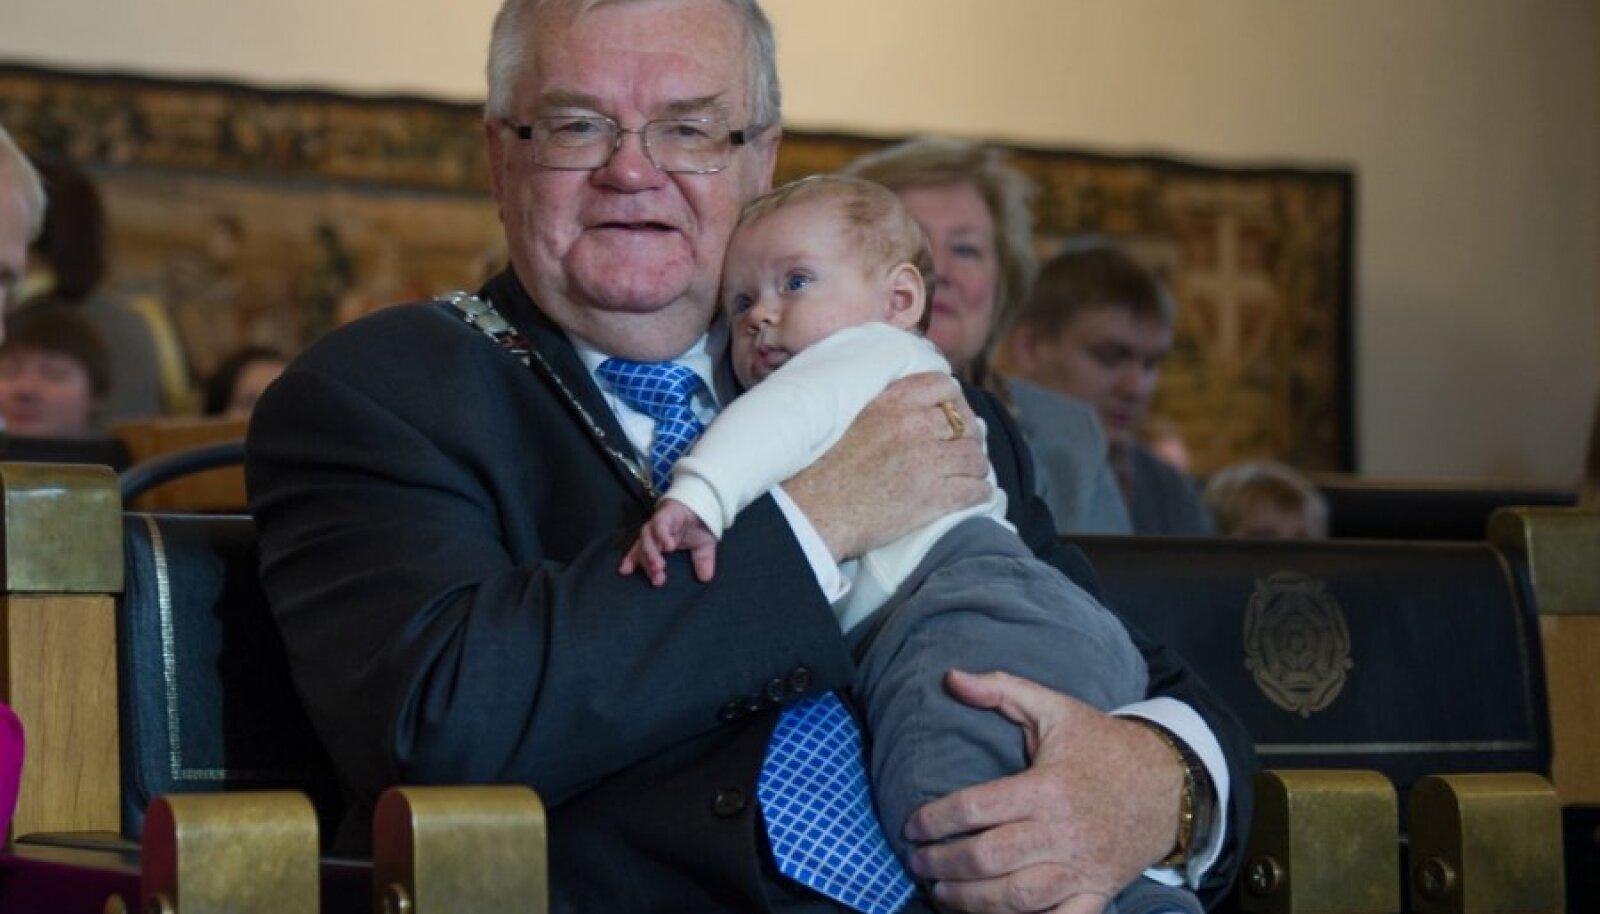 Nimetunnistuste tseremoonia Raekojas - Edgar Savisaar andis nimetunnistuse ka erakonnakaaslase Milis Repsi viinedale lapsele Frederickule